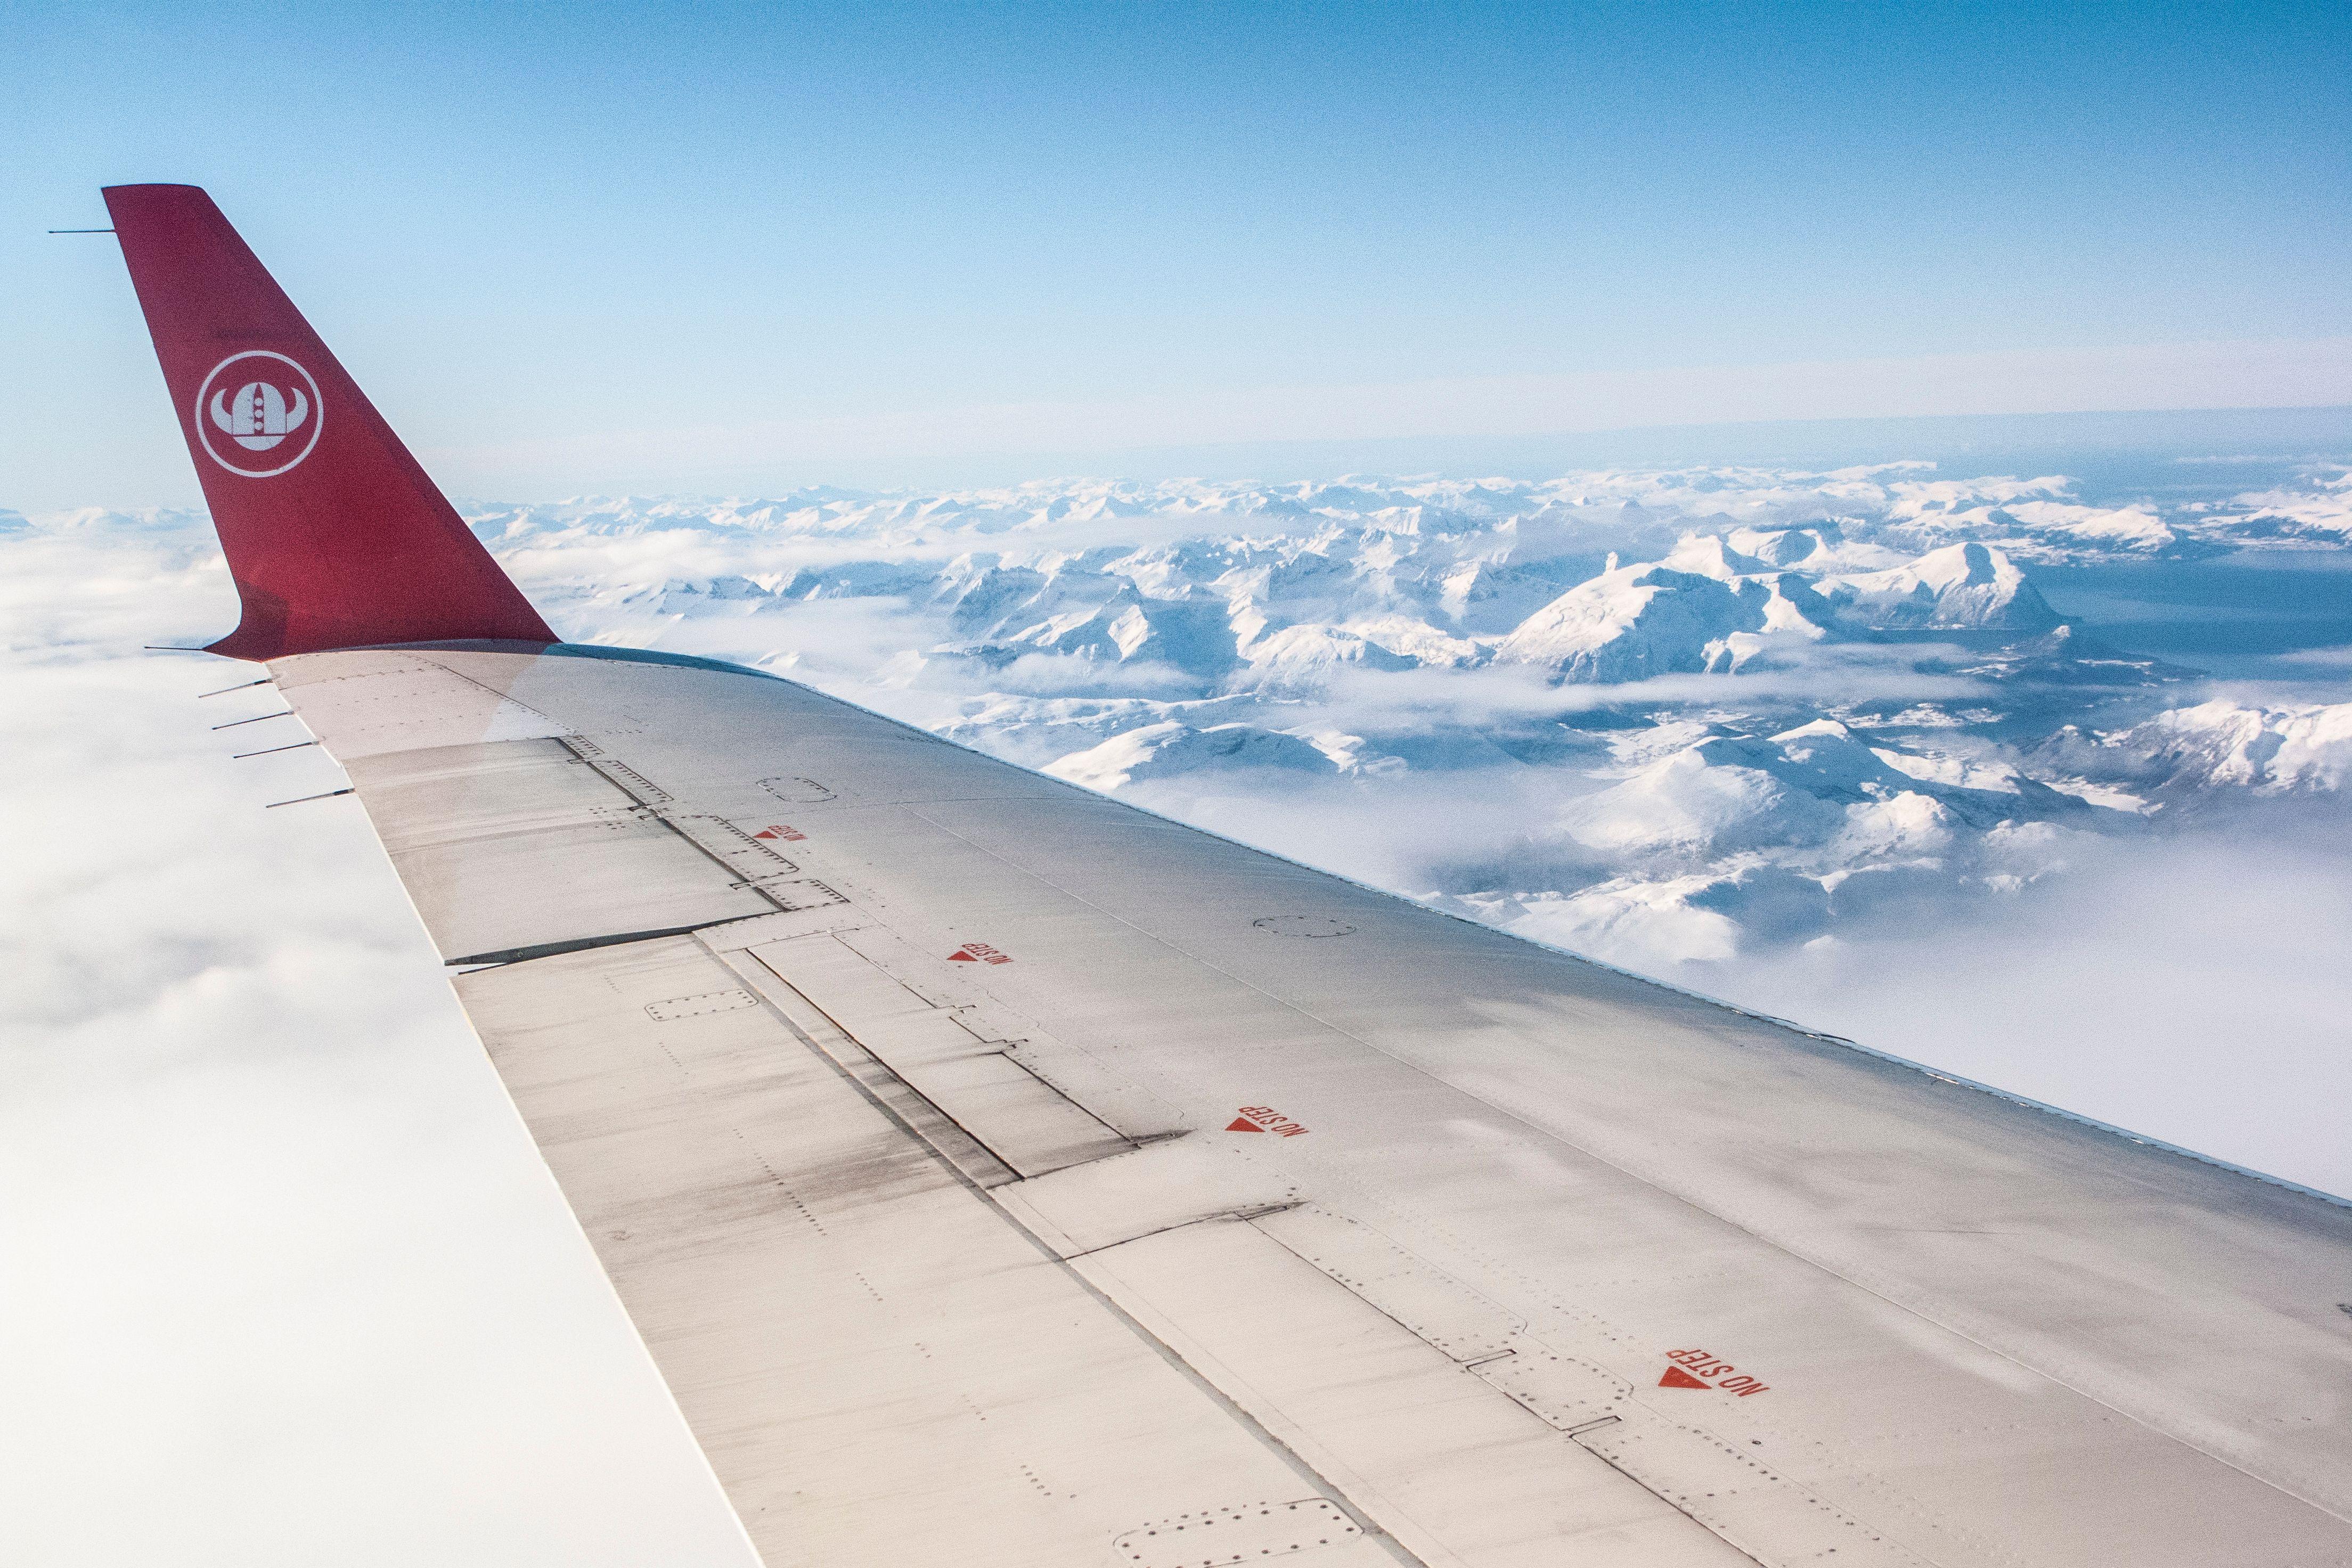 Nu al vliegtickets te boeken voor winter 2019/20